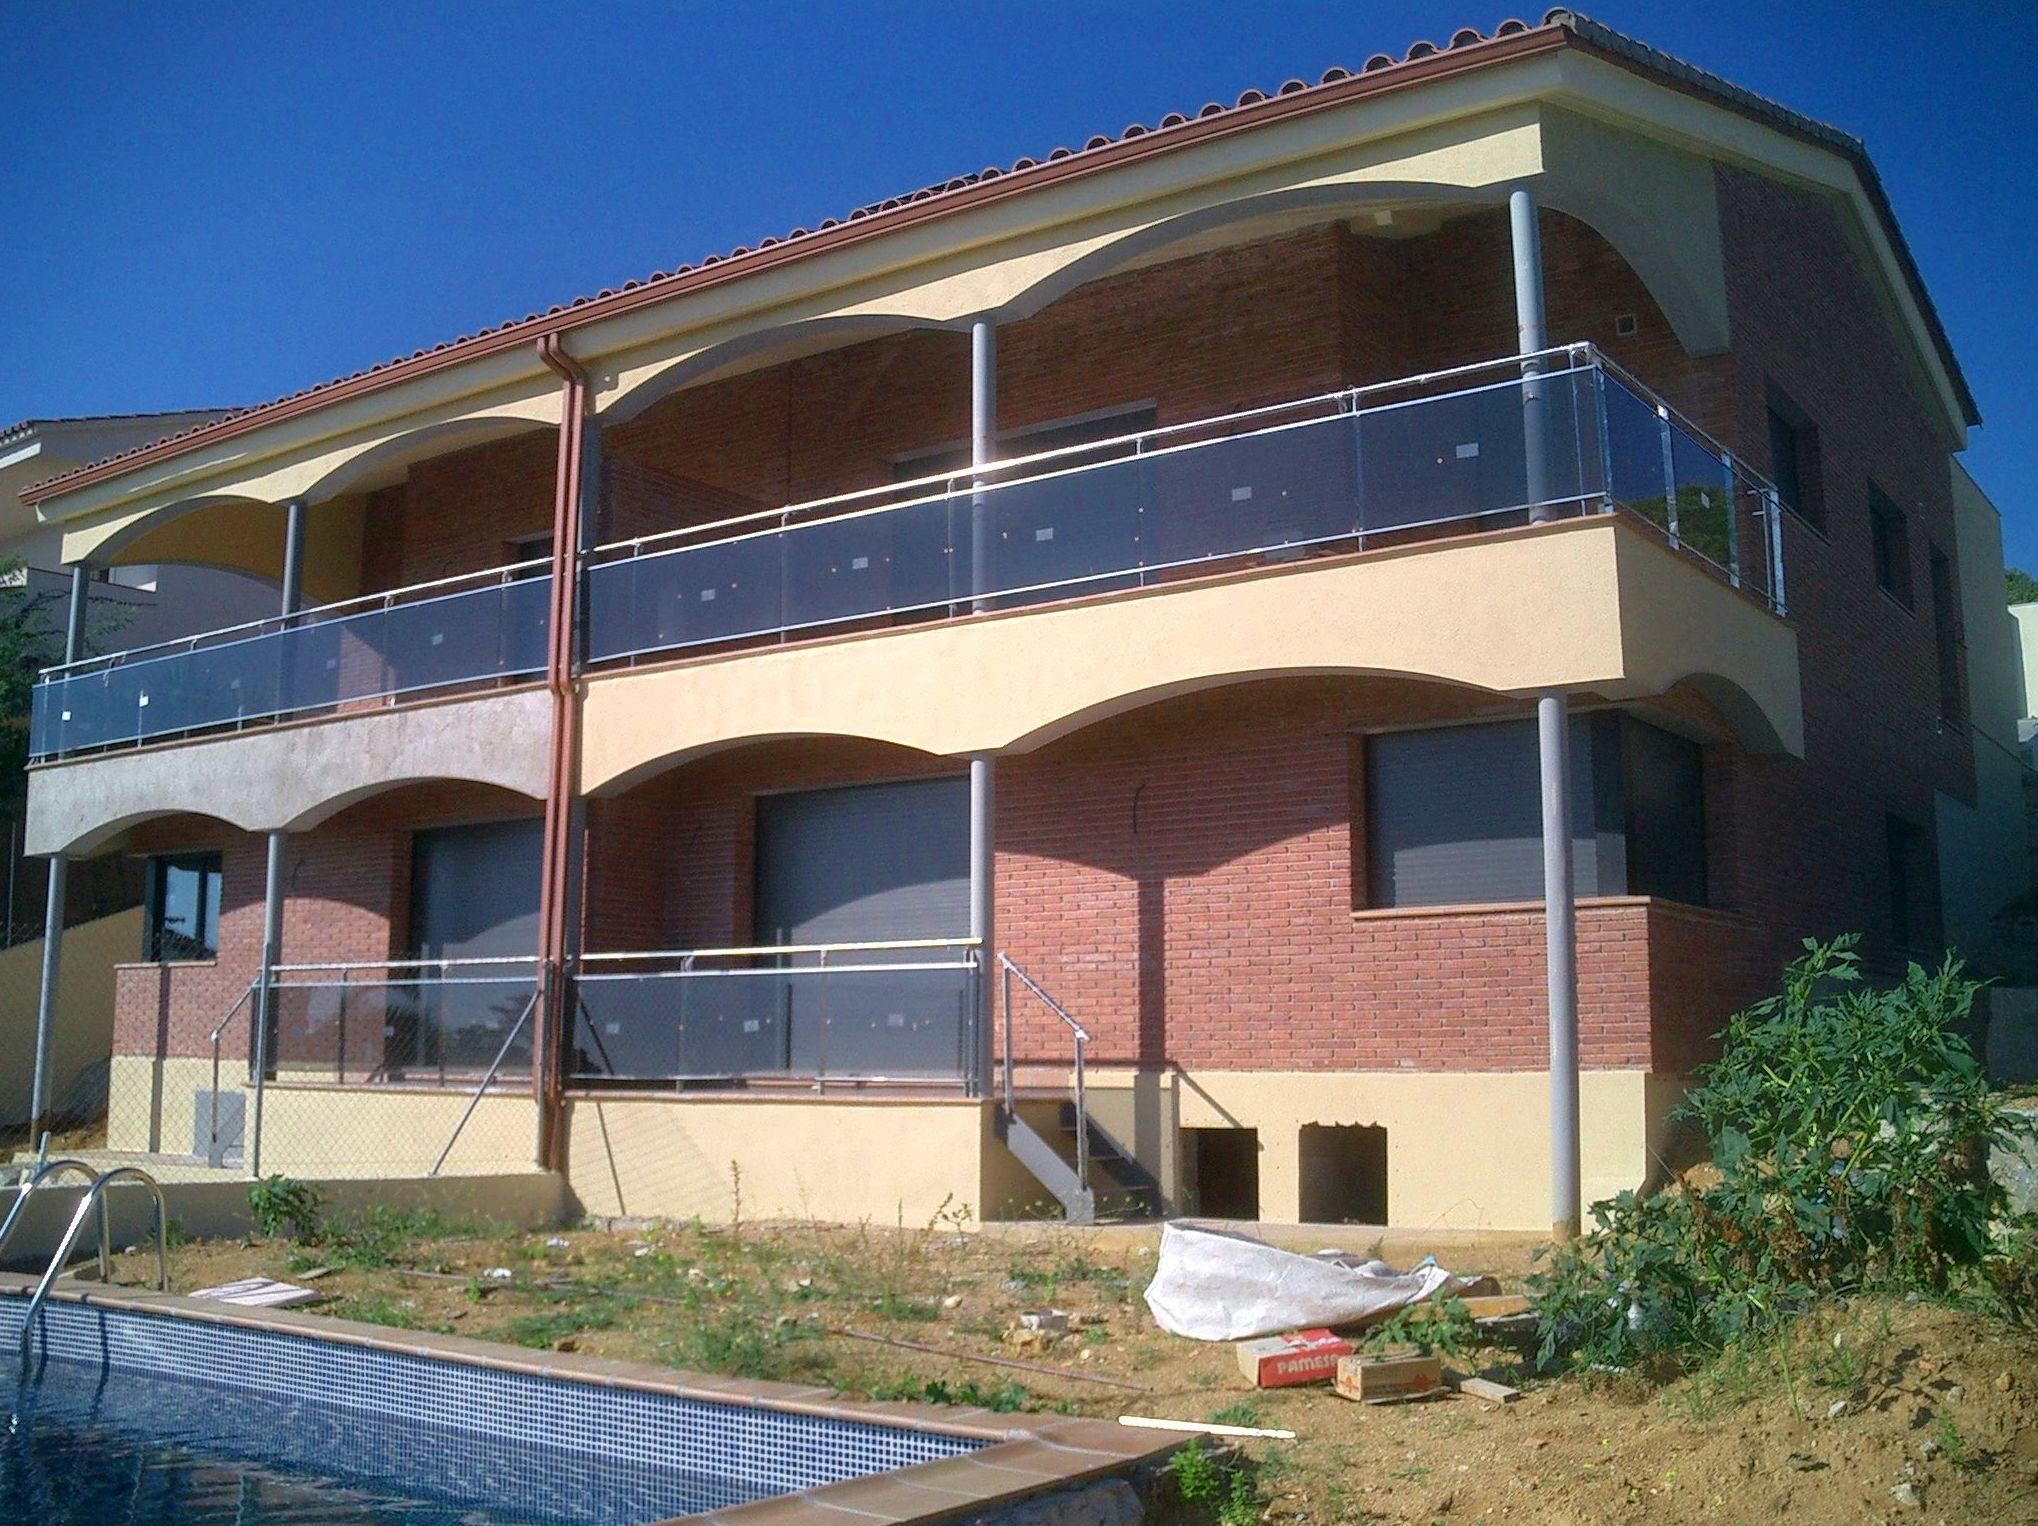 Foto 11 de Empresas de construcción en Mataró | Construcciones Antonio Cruz Moreno